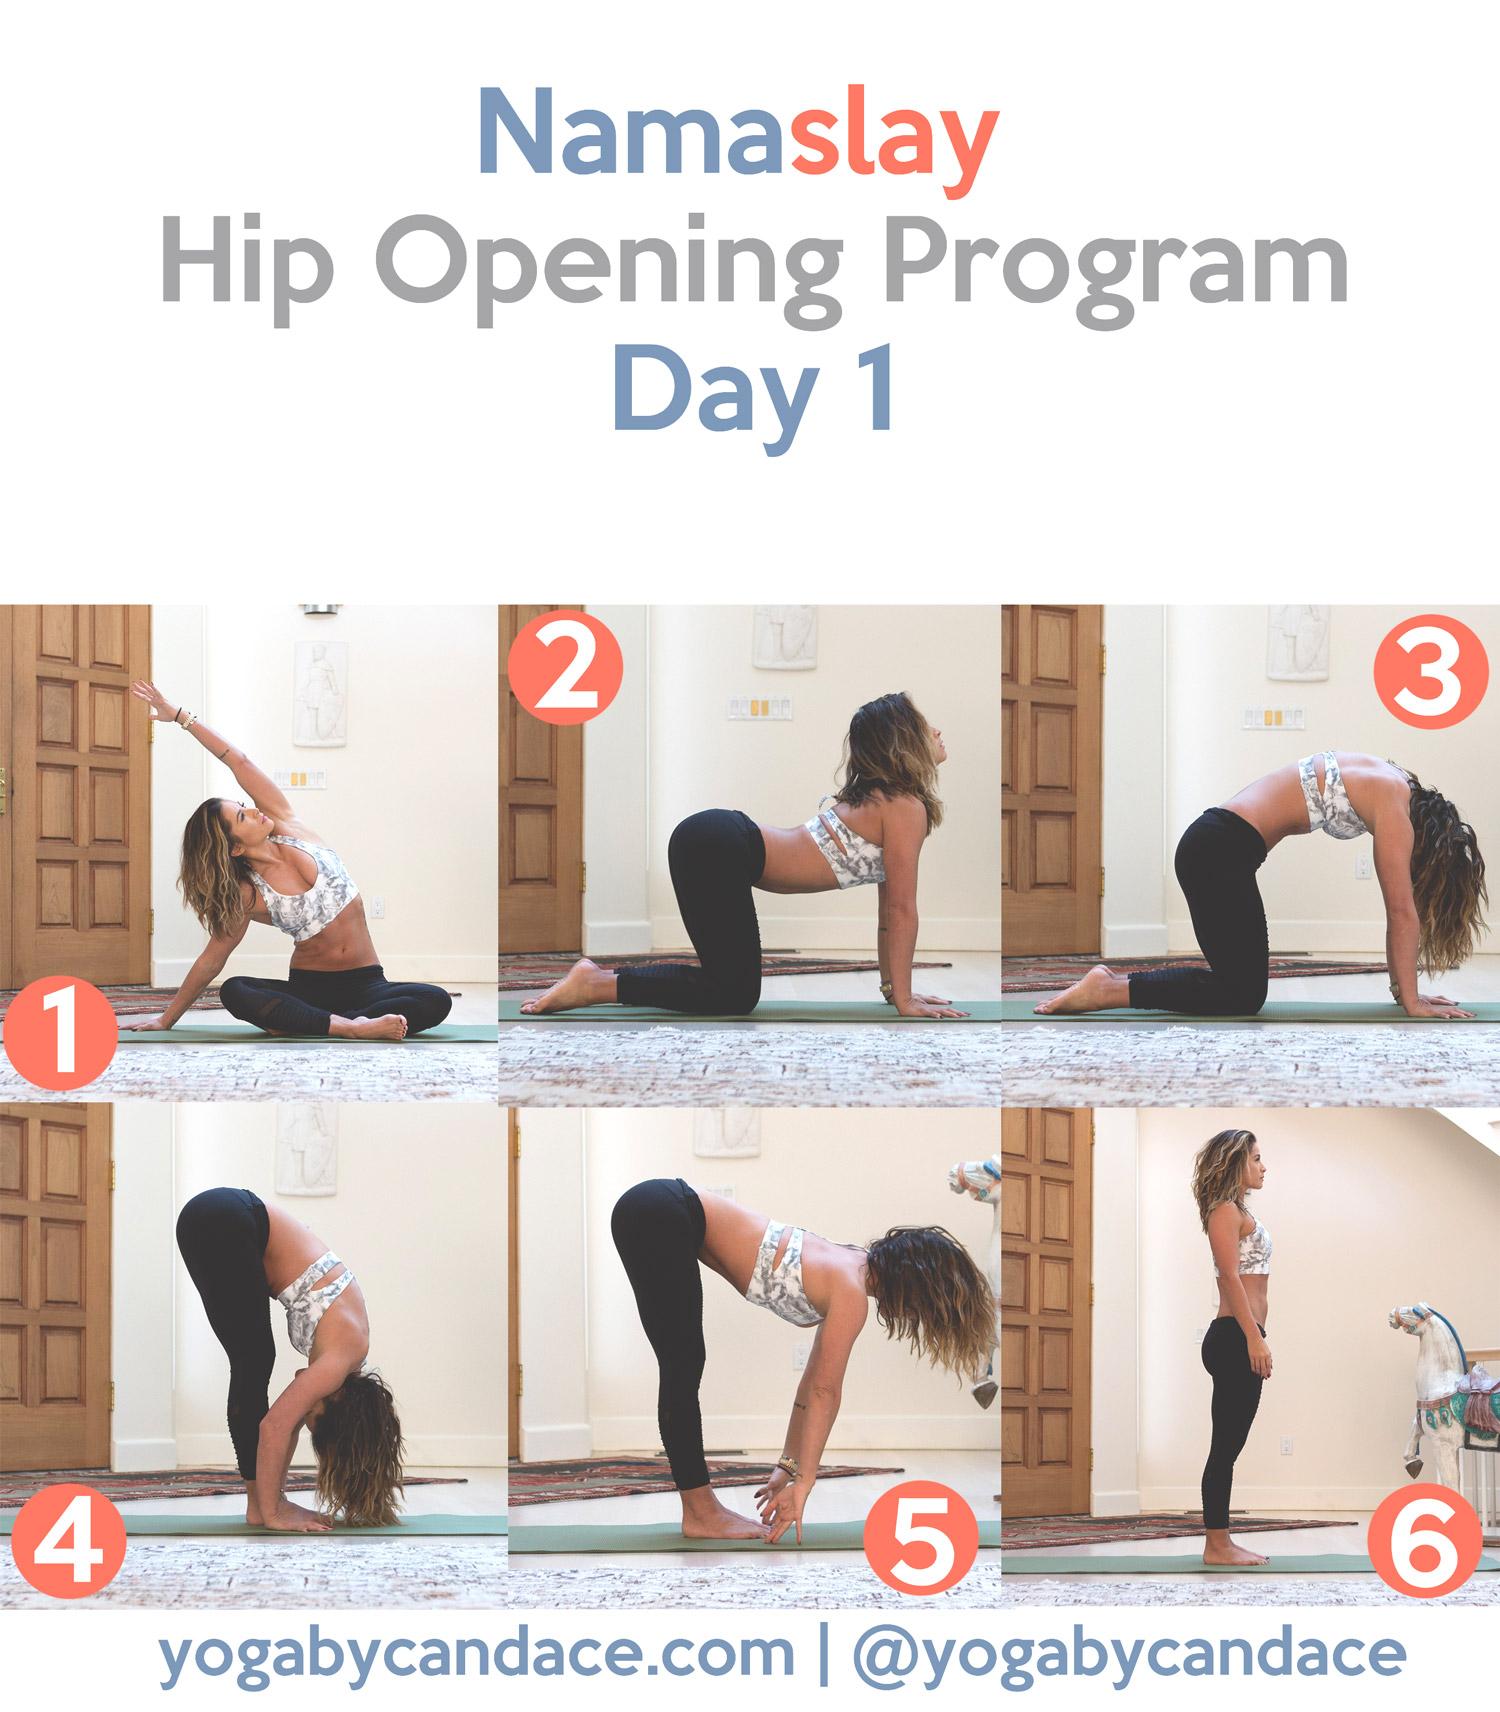 Day 1 - Namaslay hip opening yoga program